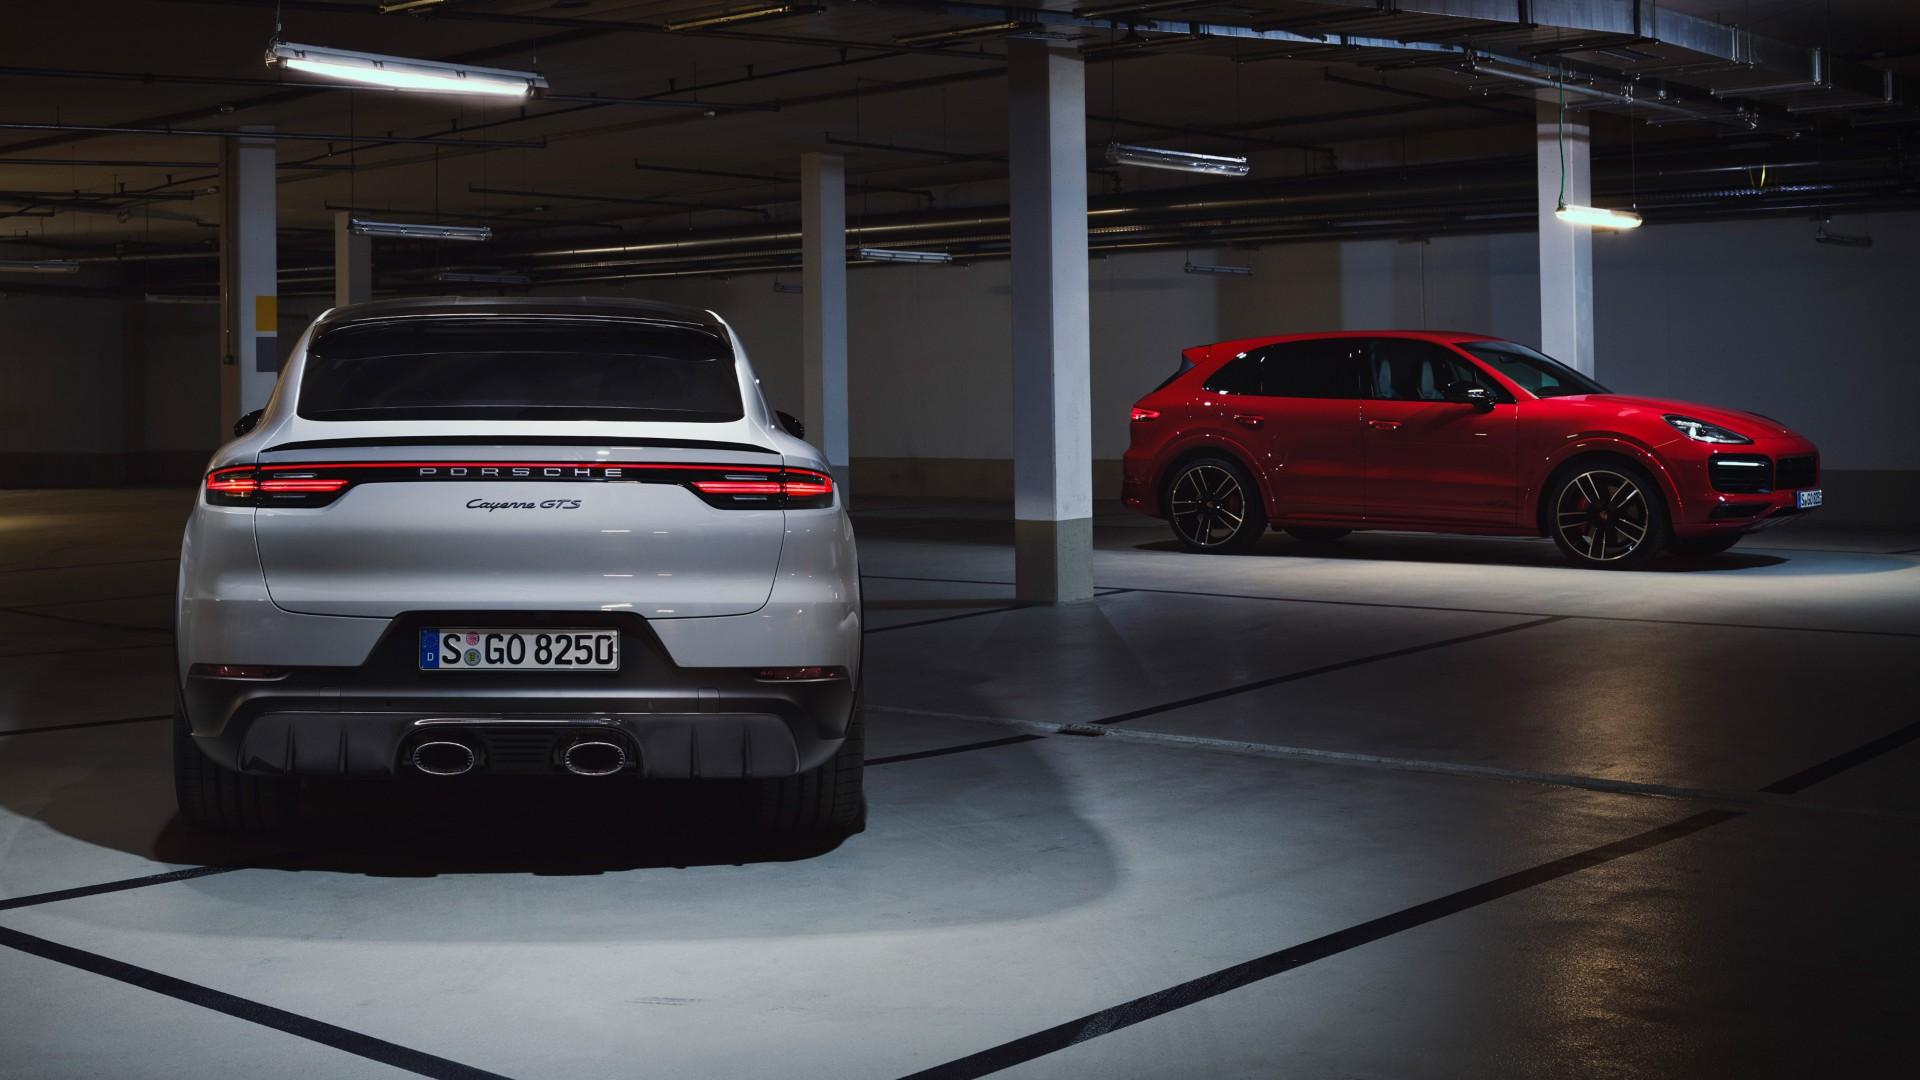 El nuevo Porsche Cayenne GTS retorna al motor V8